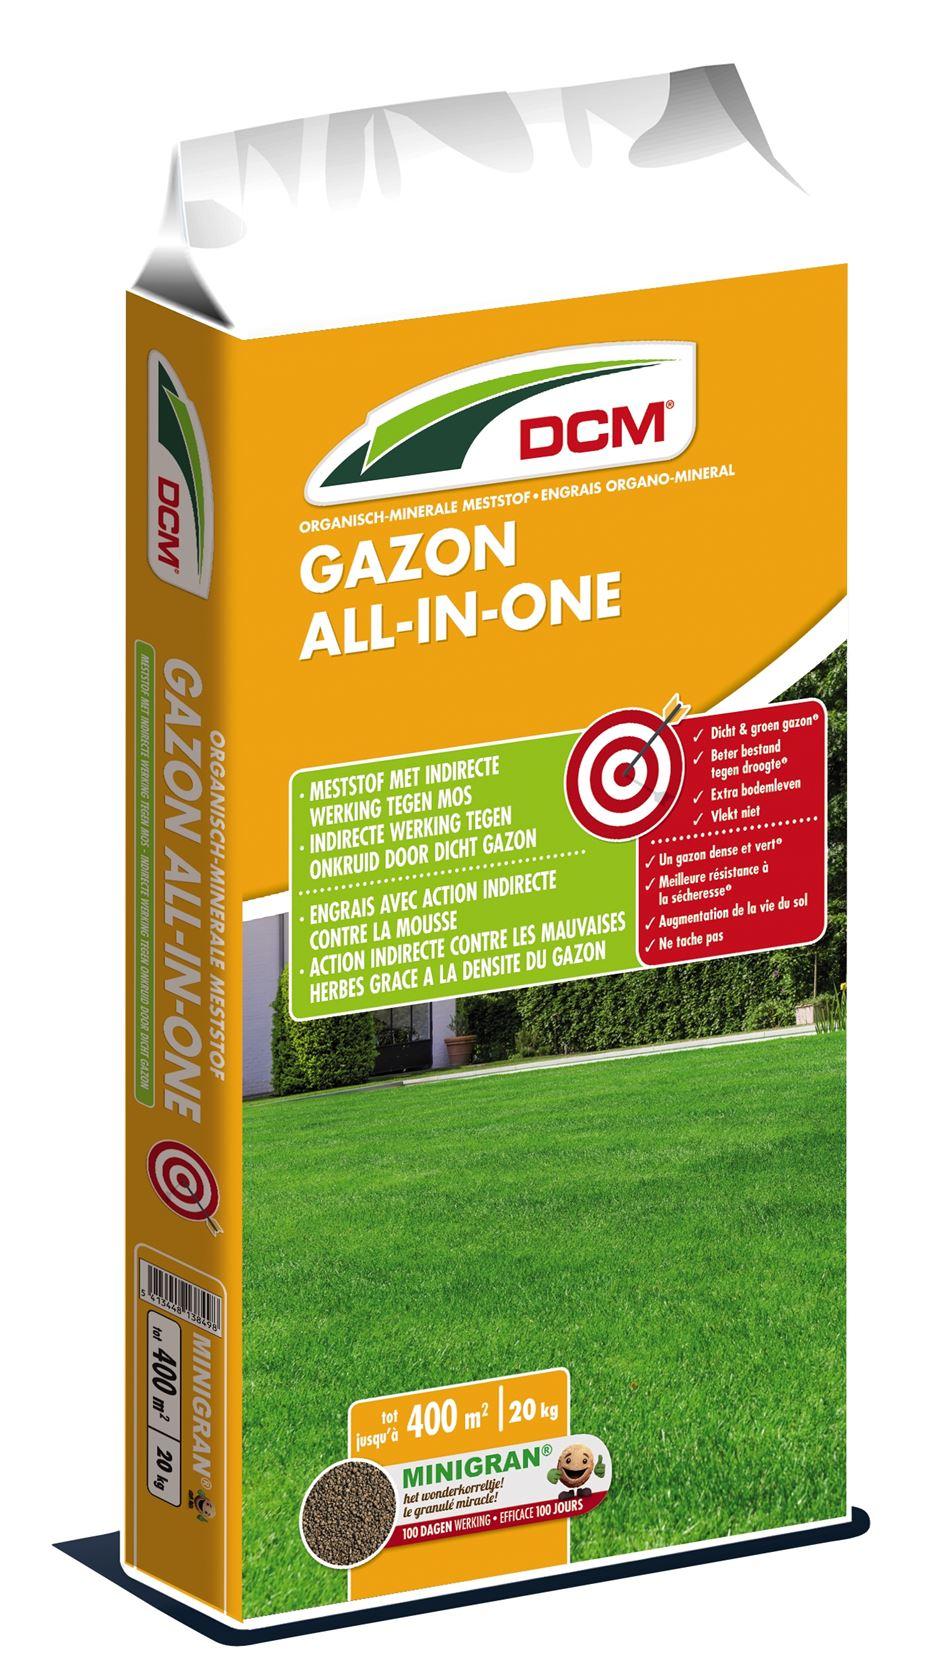 Gazonmeststof-All-in-one-20kg-tegen-mos-en-onkruid-NPK-10-3-18-3MgO-Fe-Bacillus-sp-